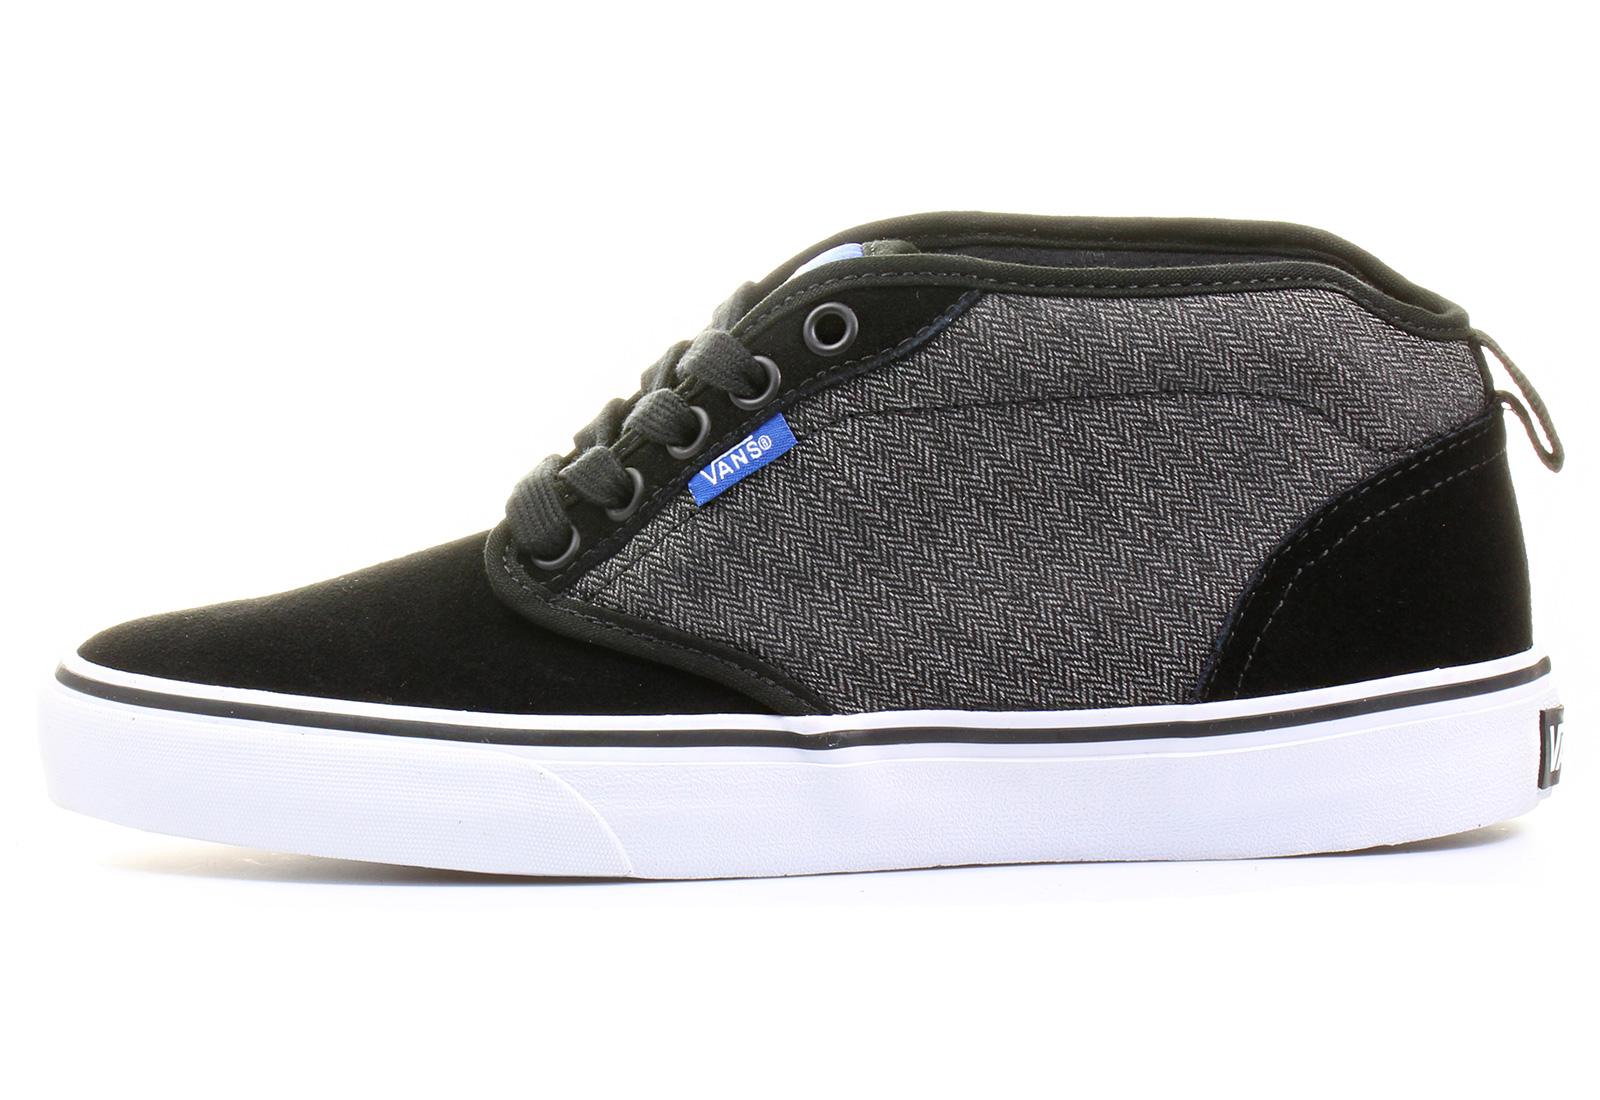 Vans Cipő - Atwood Mid - vnjp8uv - Office Shoes Magyarország b2a4a8125d